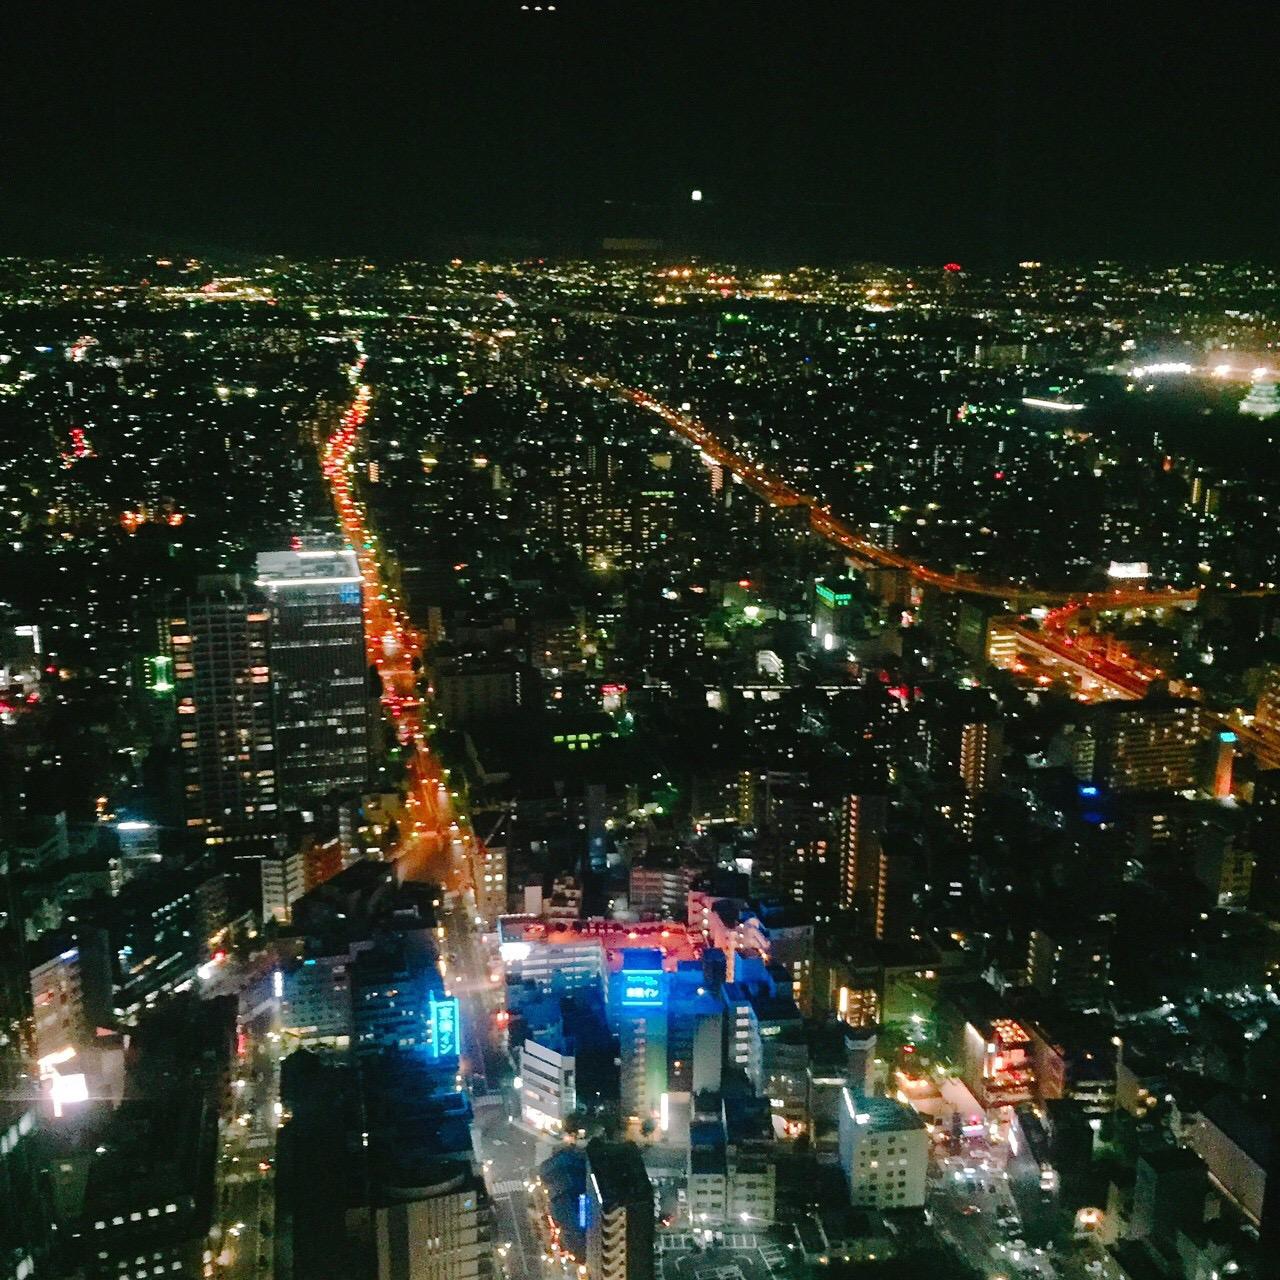 名古屋観光にもオススメ!名古屋を一望できる44階ビアガーデン